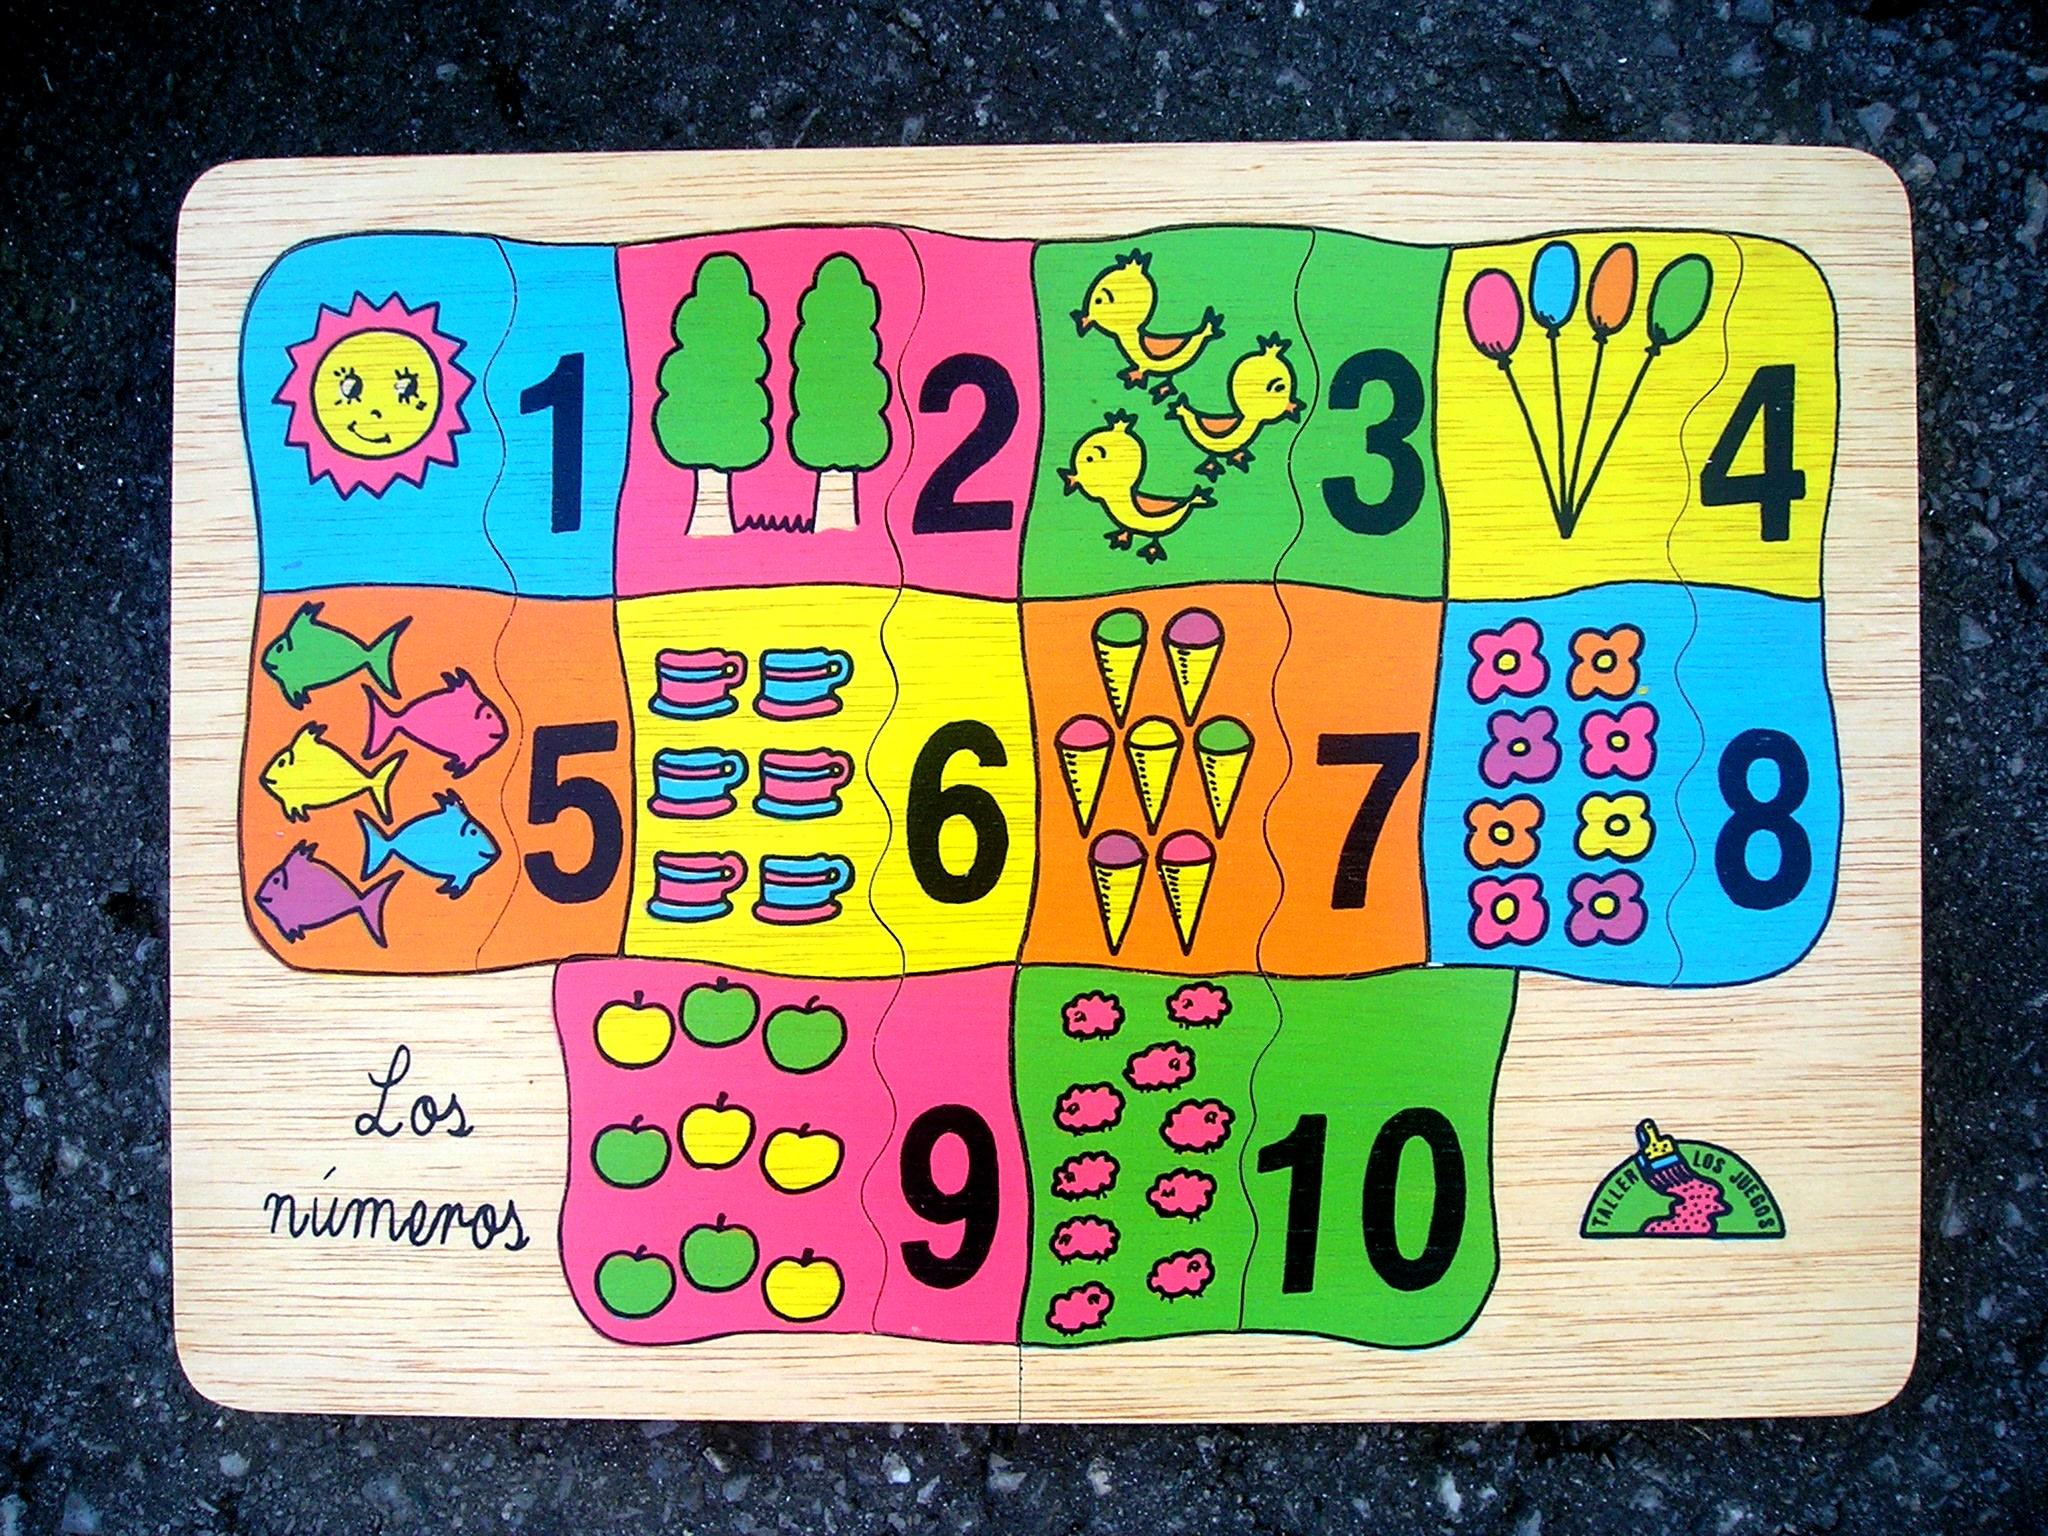 Medidas del tablero: Tablero: 24 x 33 cm. 10 piezas .